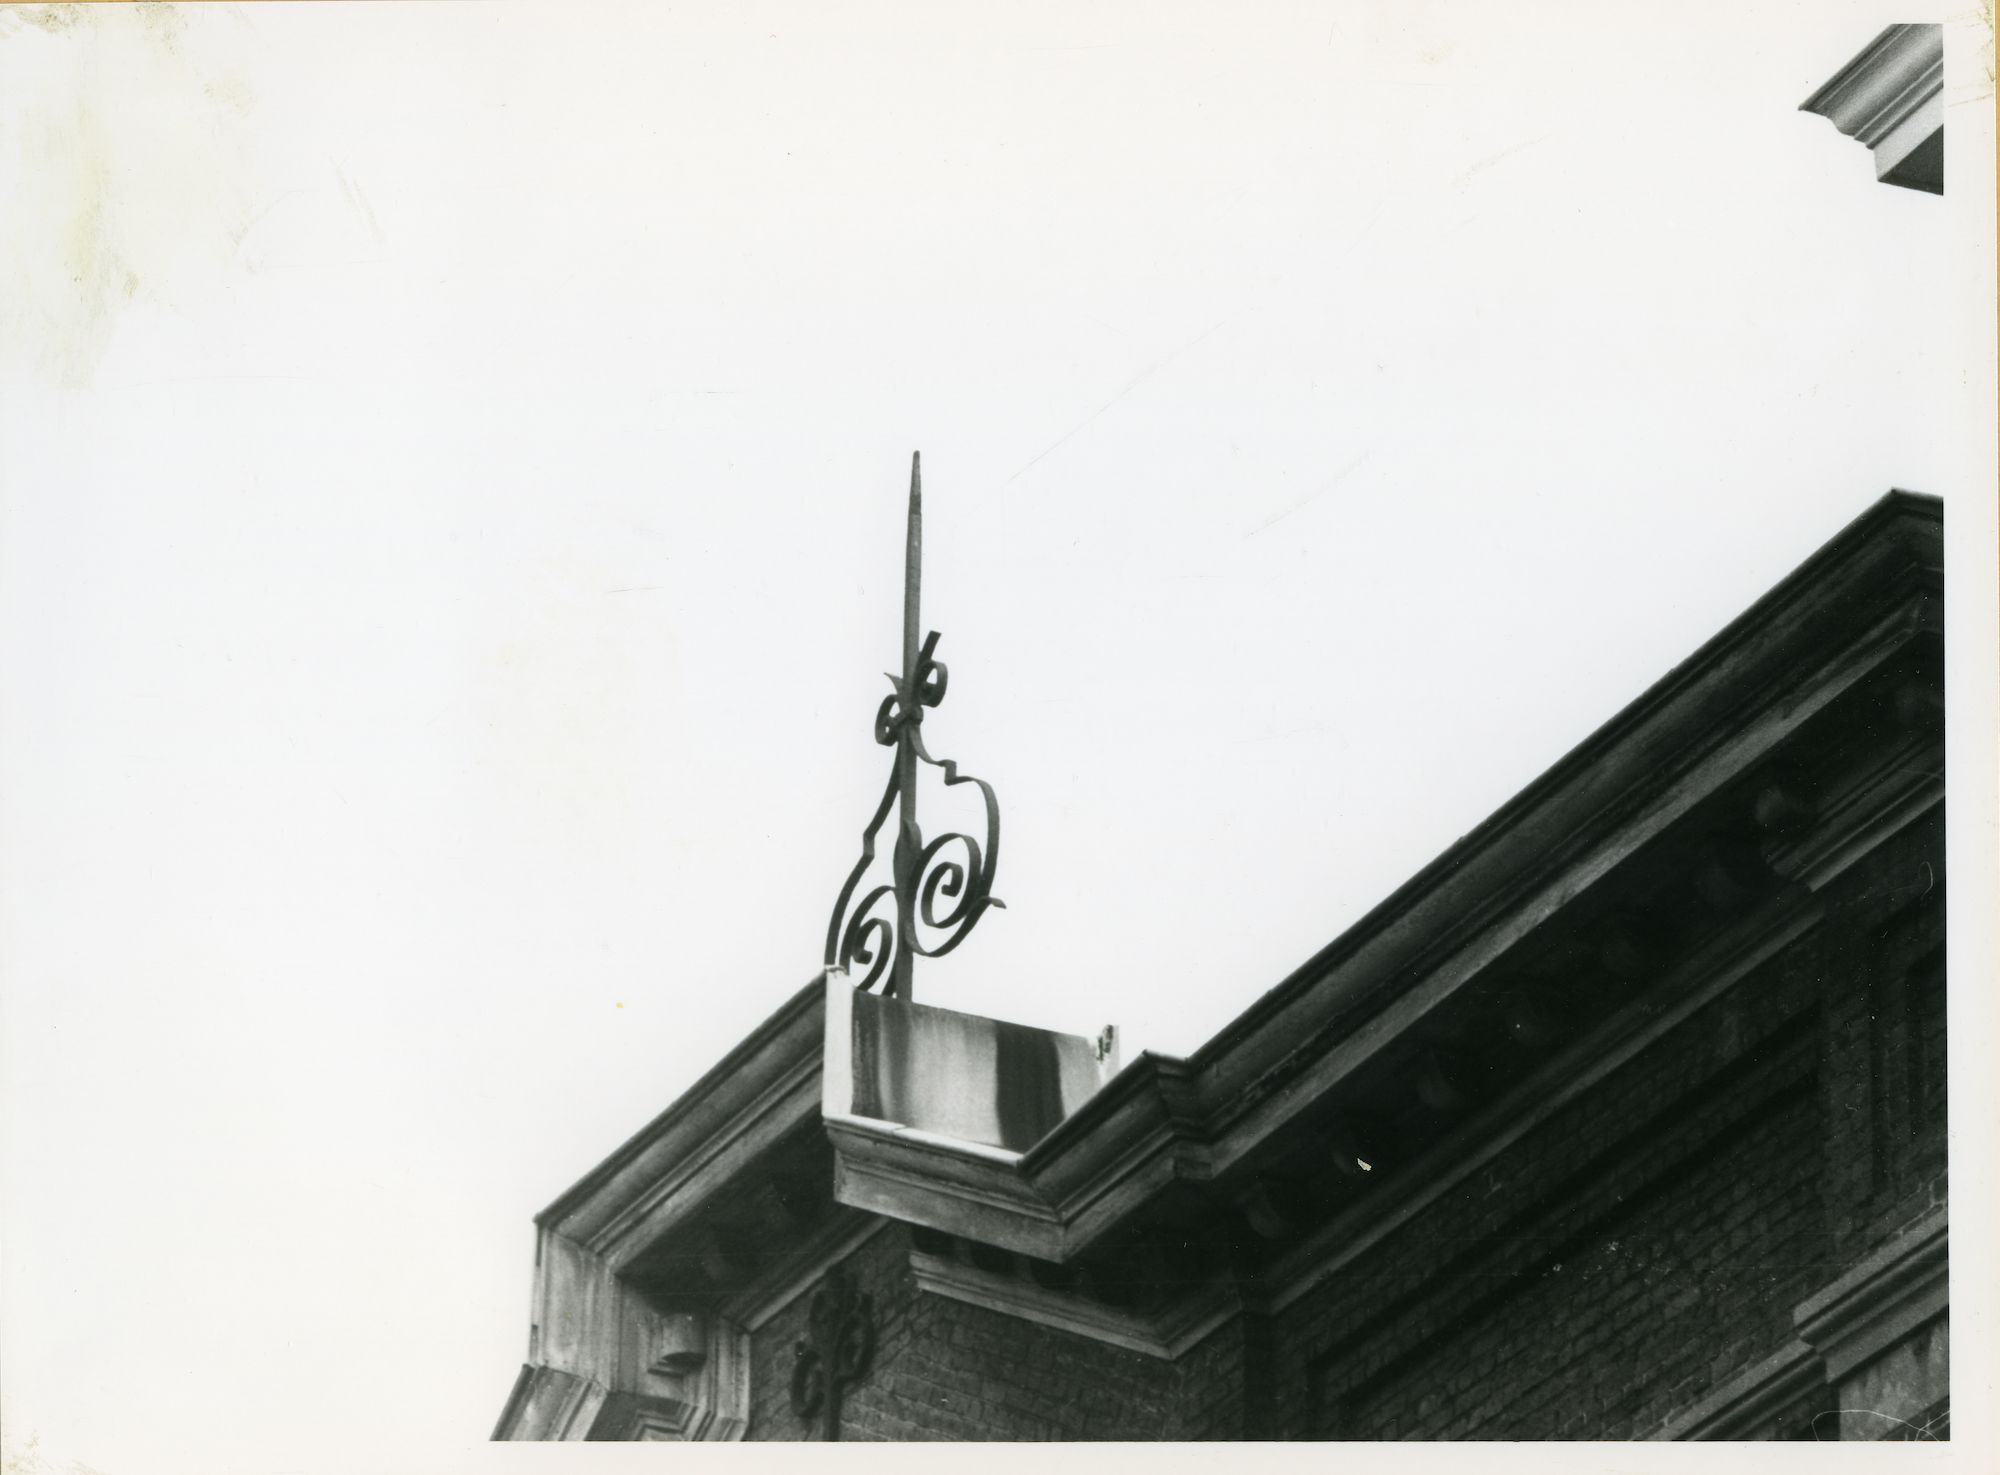 Gent: Nieuwpoort 35: Nokversiering, 1979